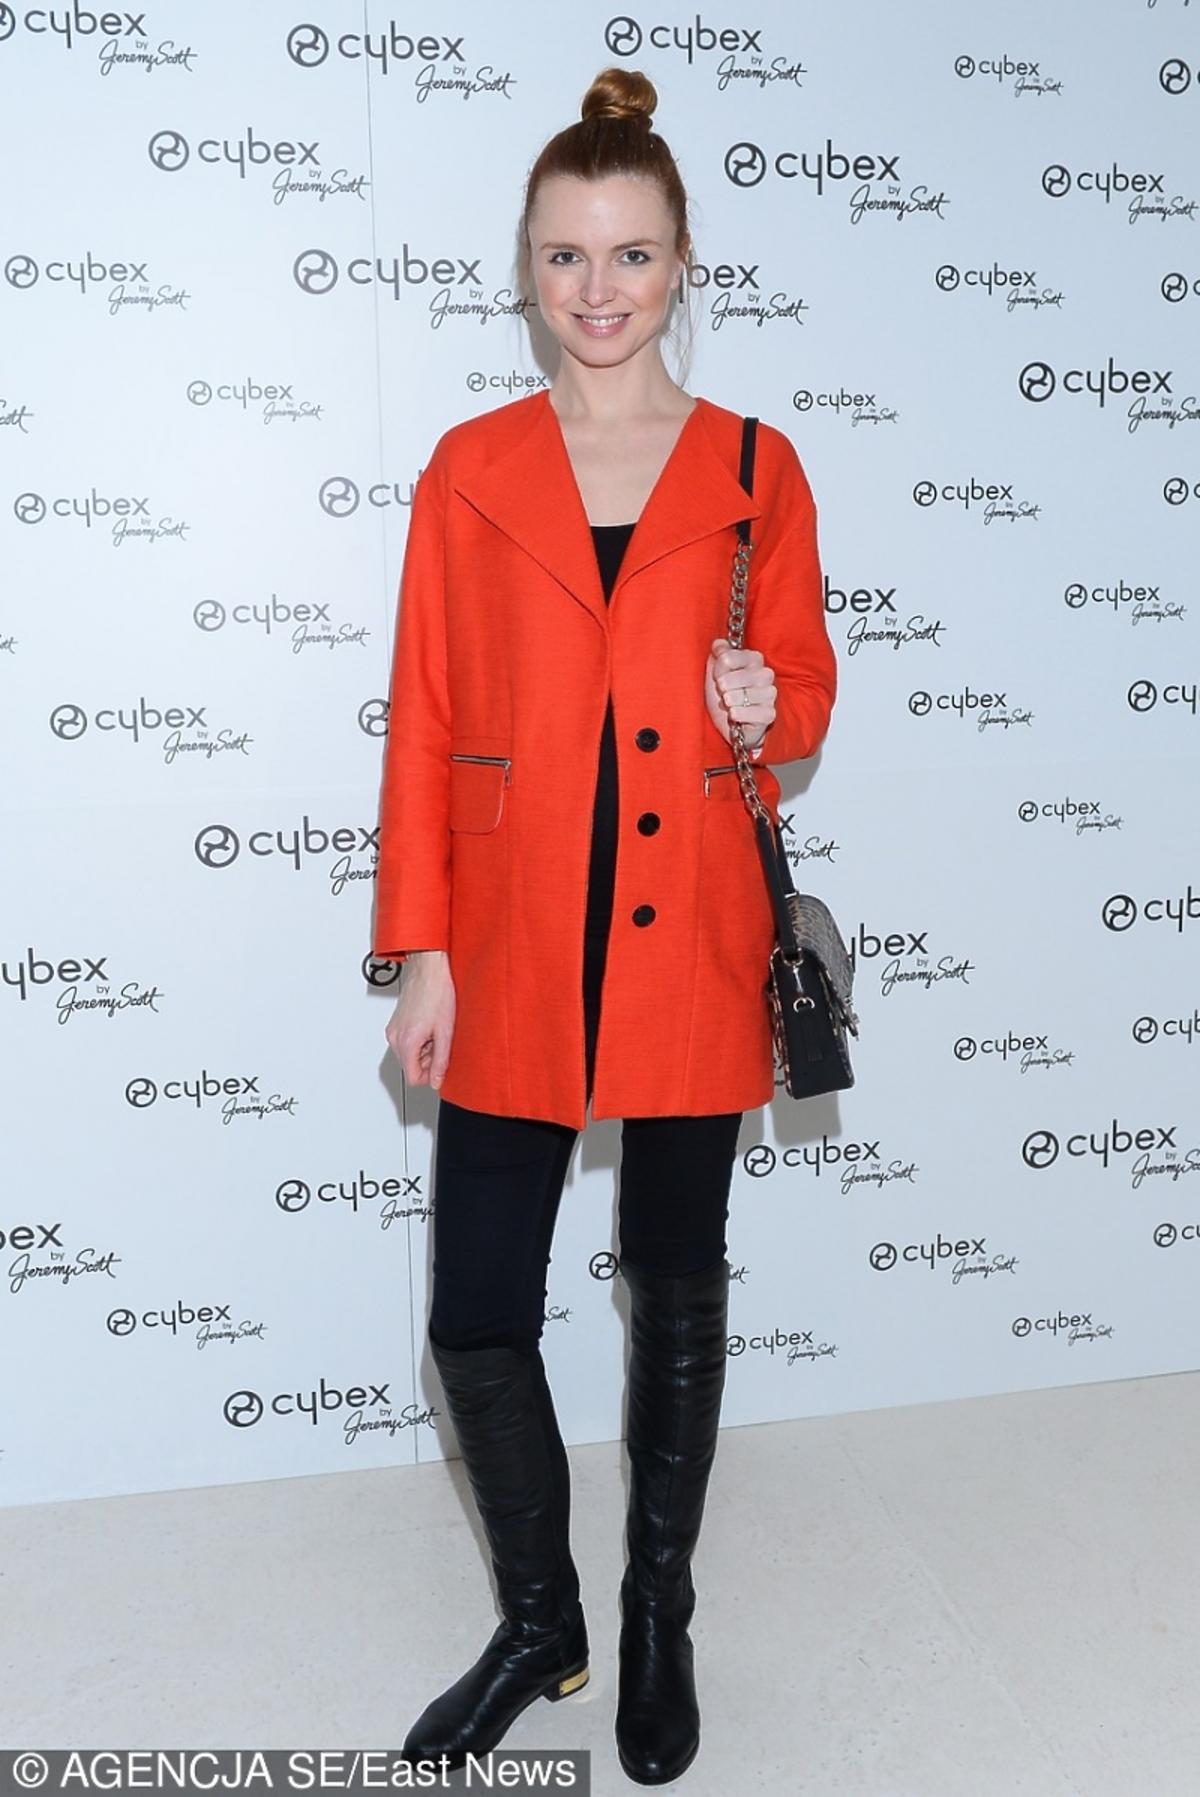 Katarzyna Burzyńska na premierze kolekcji Cybex by Jeremy Scott